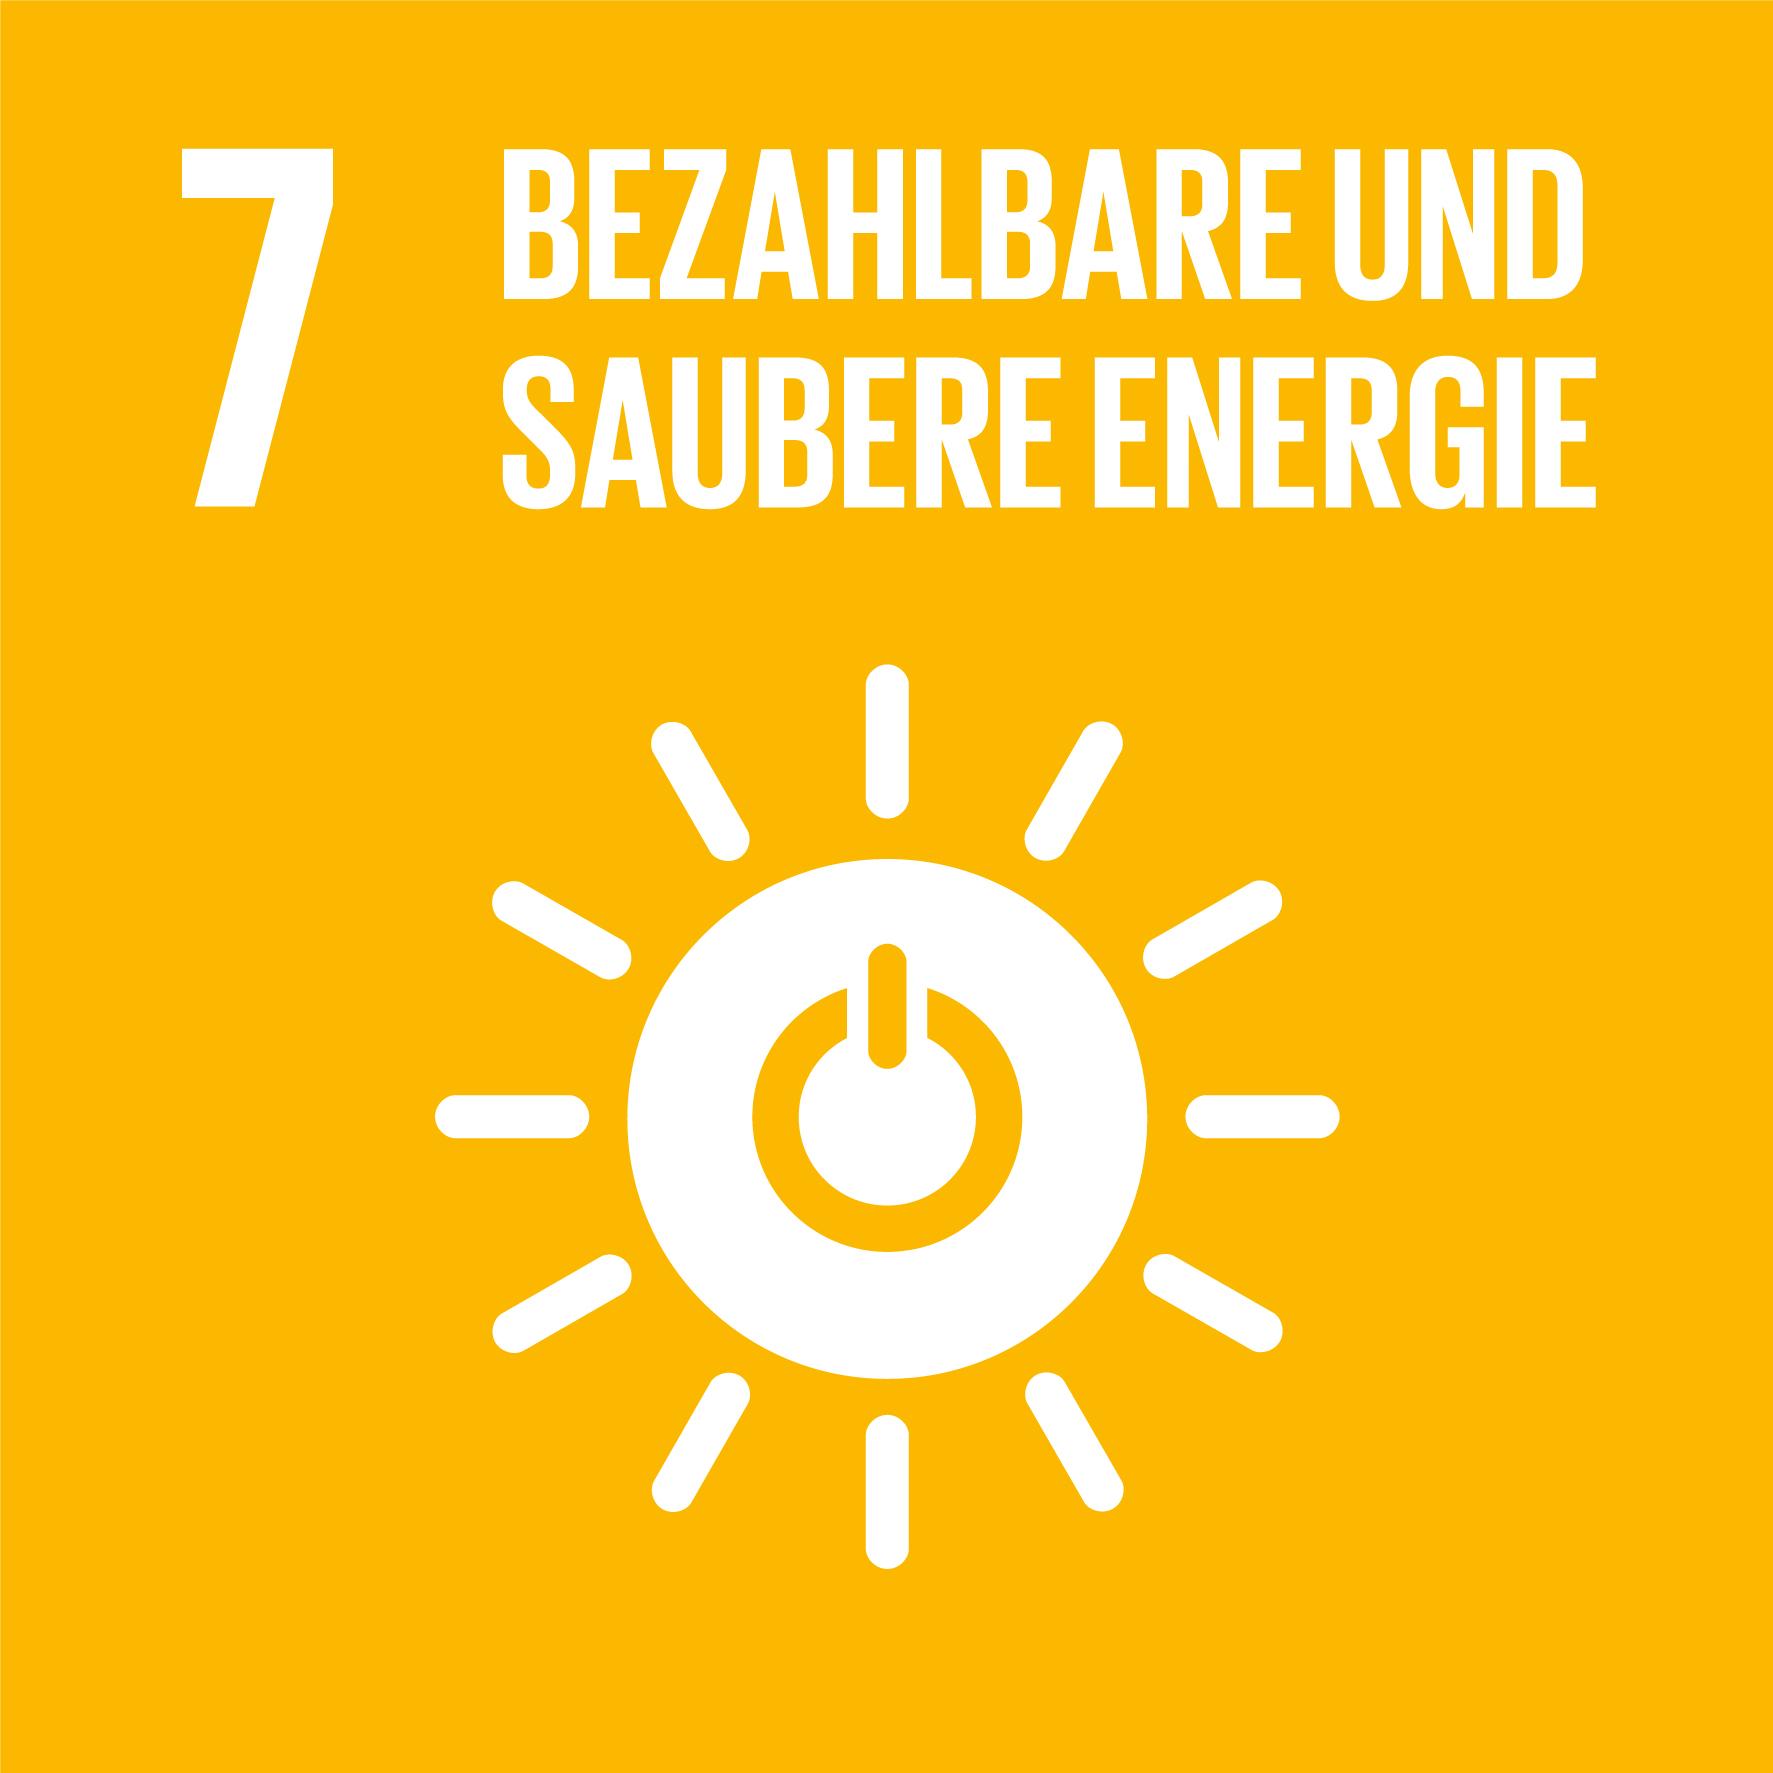 07 Bezahlbare und saubere Energie